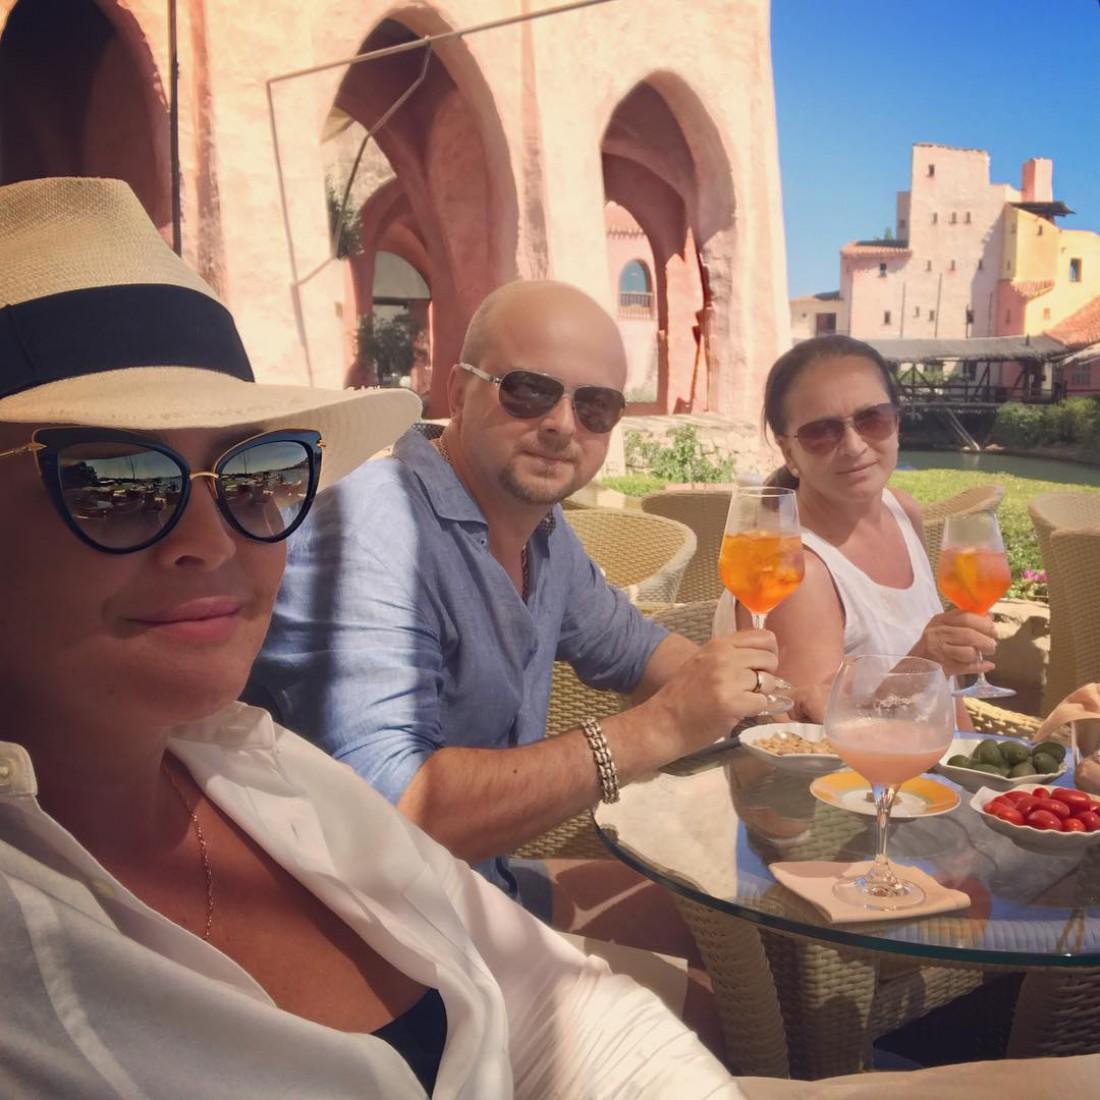 София Ротару на отдыхе в Италии